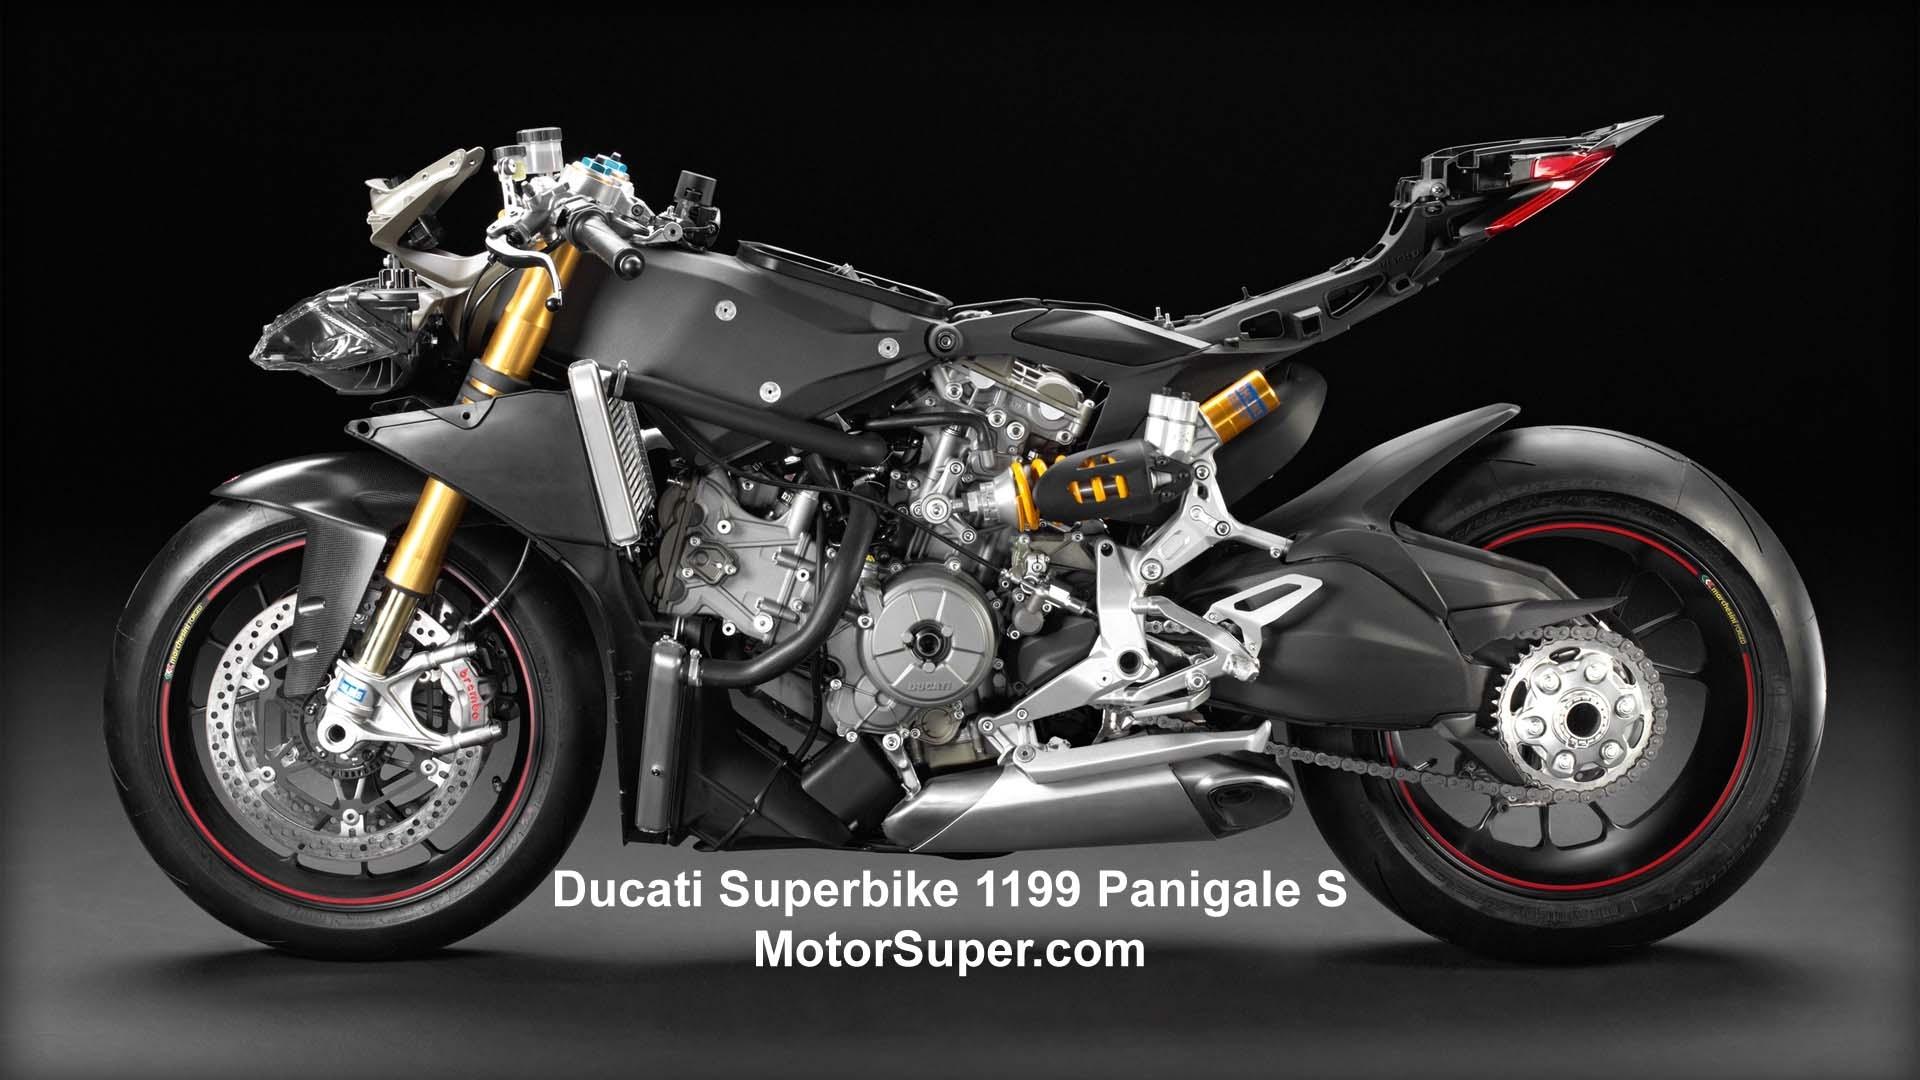 ducati superbike background